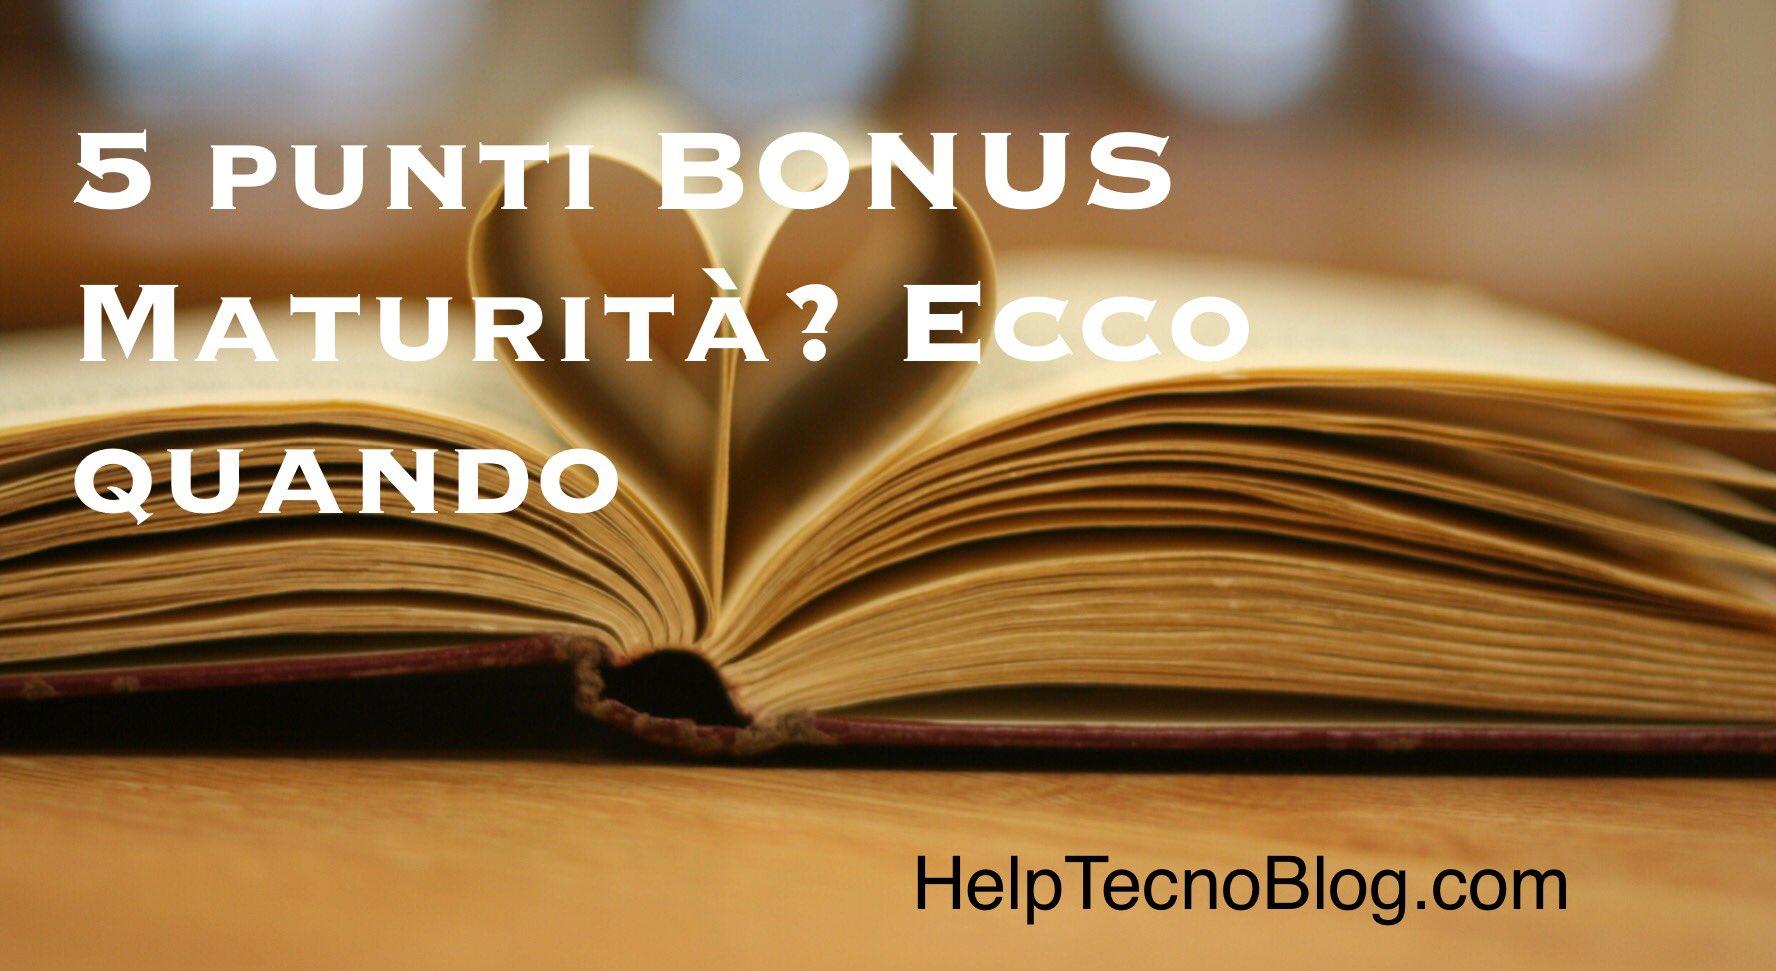 5 punti bonus esame